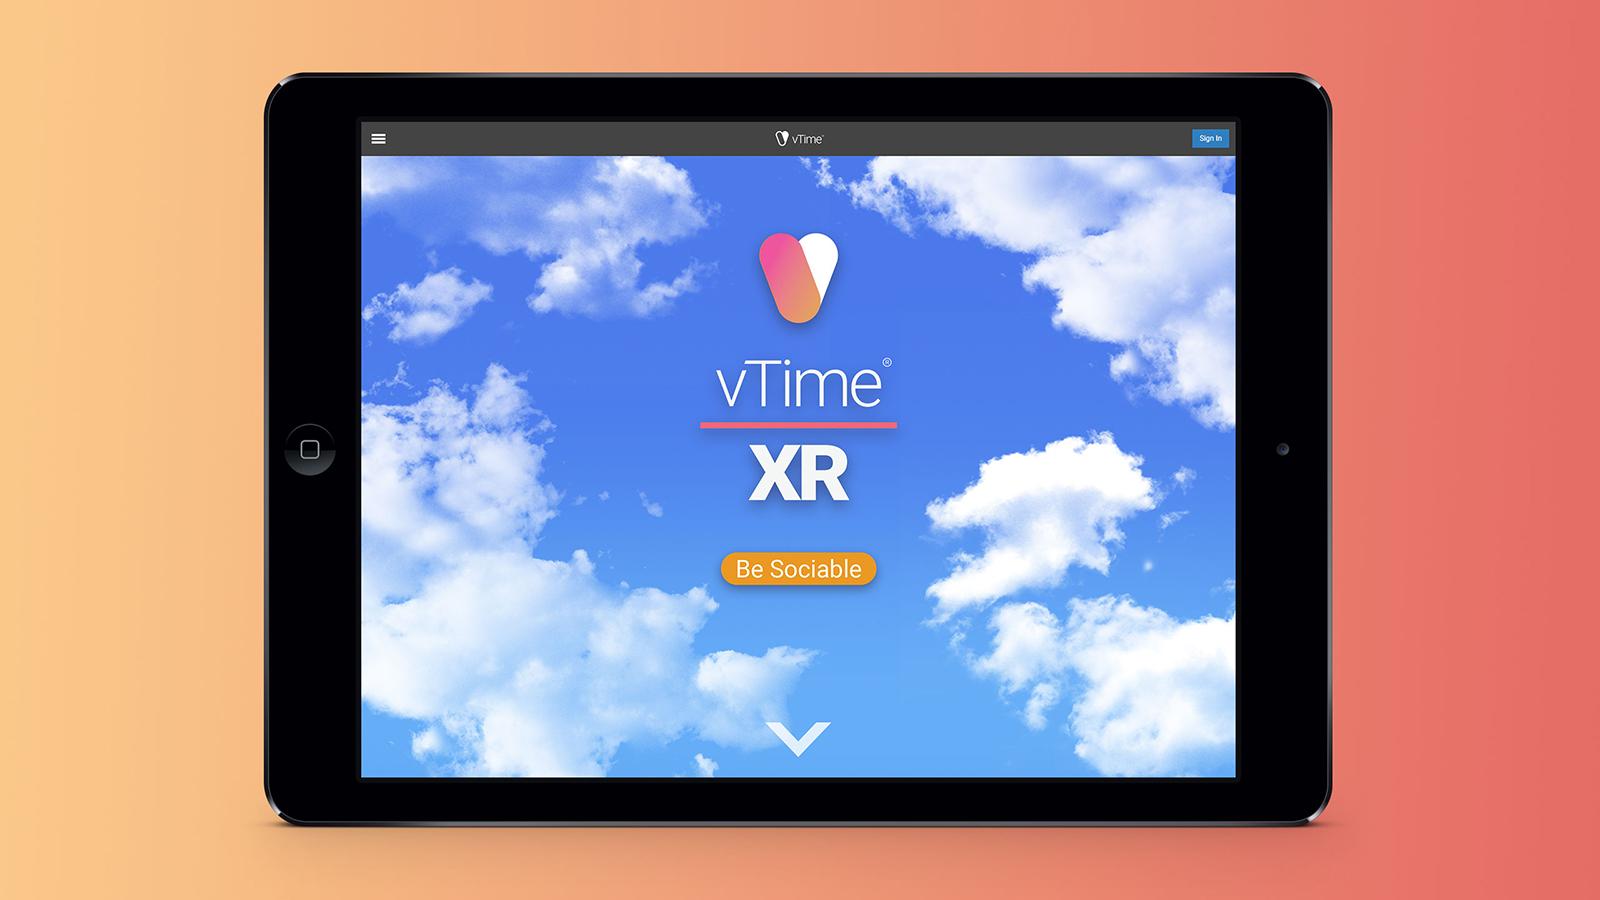 Vtime New Website Image